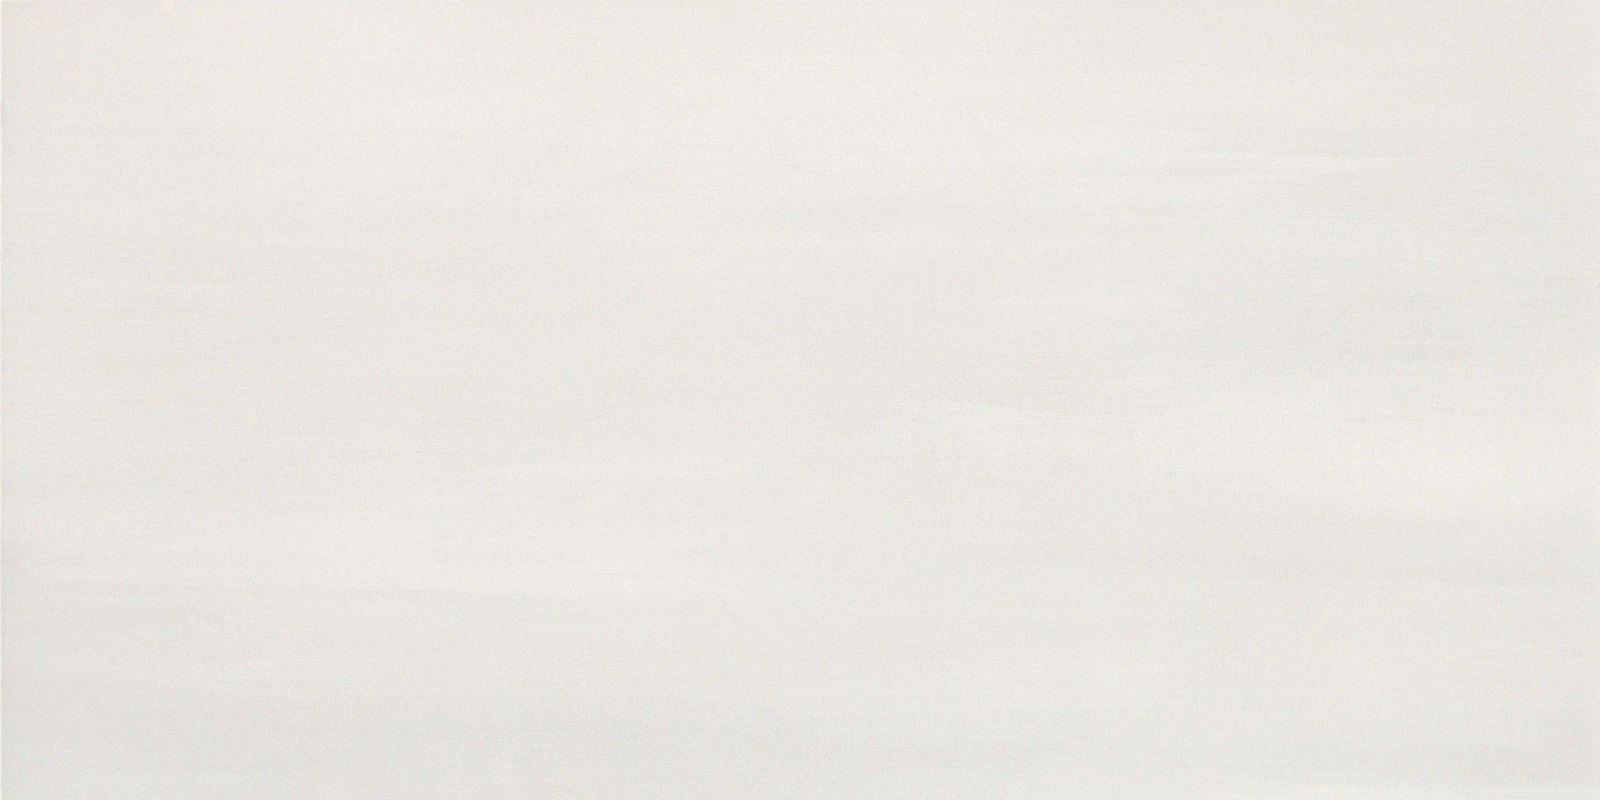 Купить Керамическая плитка Atlas Concorde Mark White 8M4W настенная 40х80, Италия